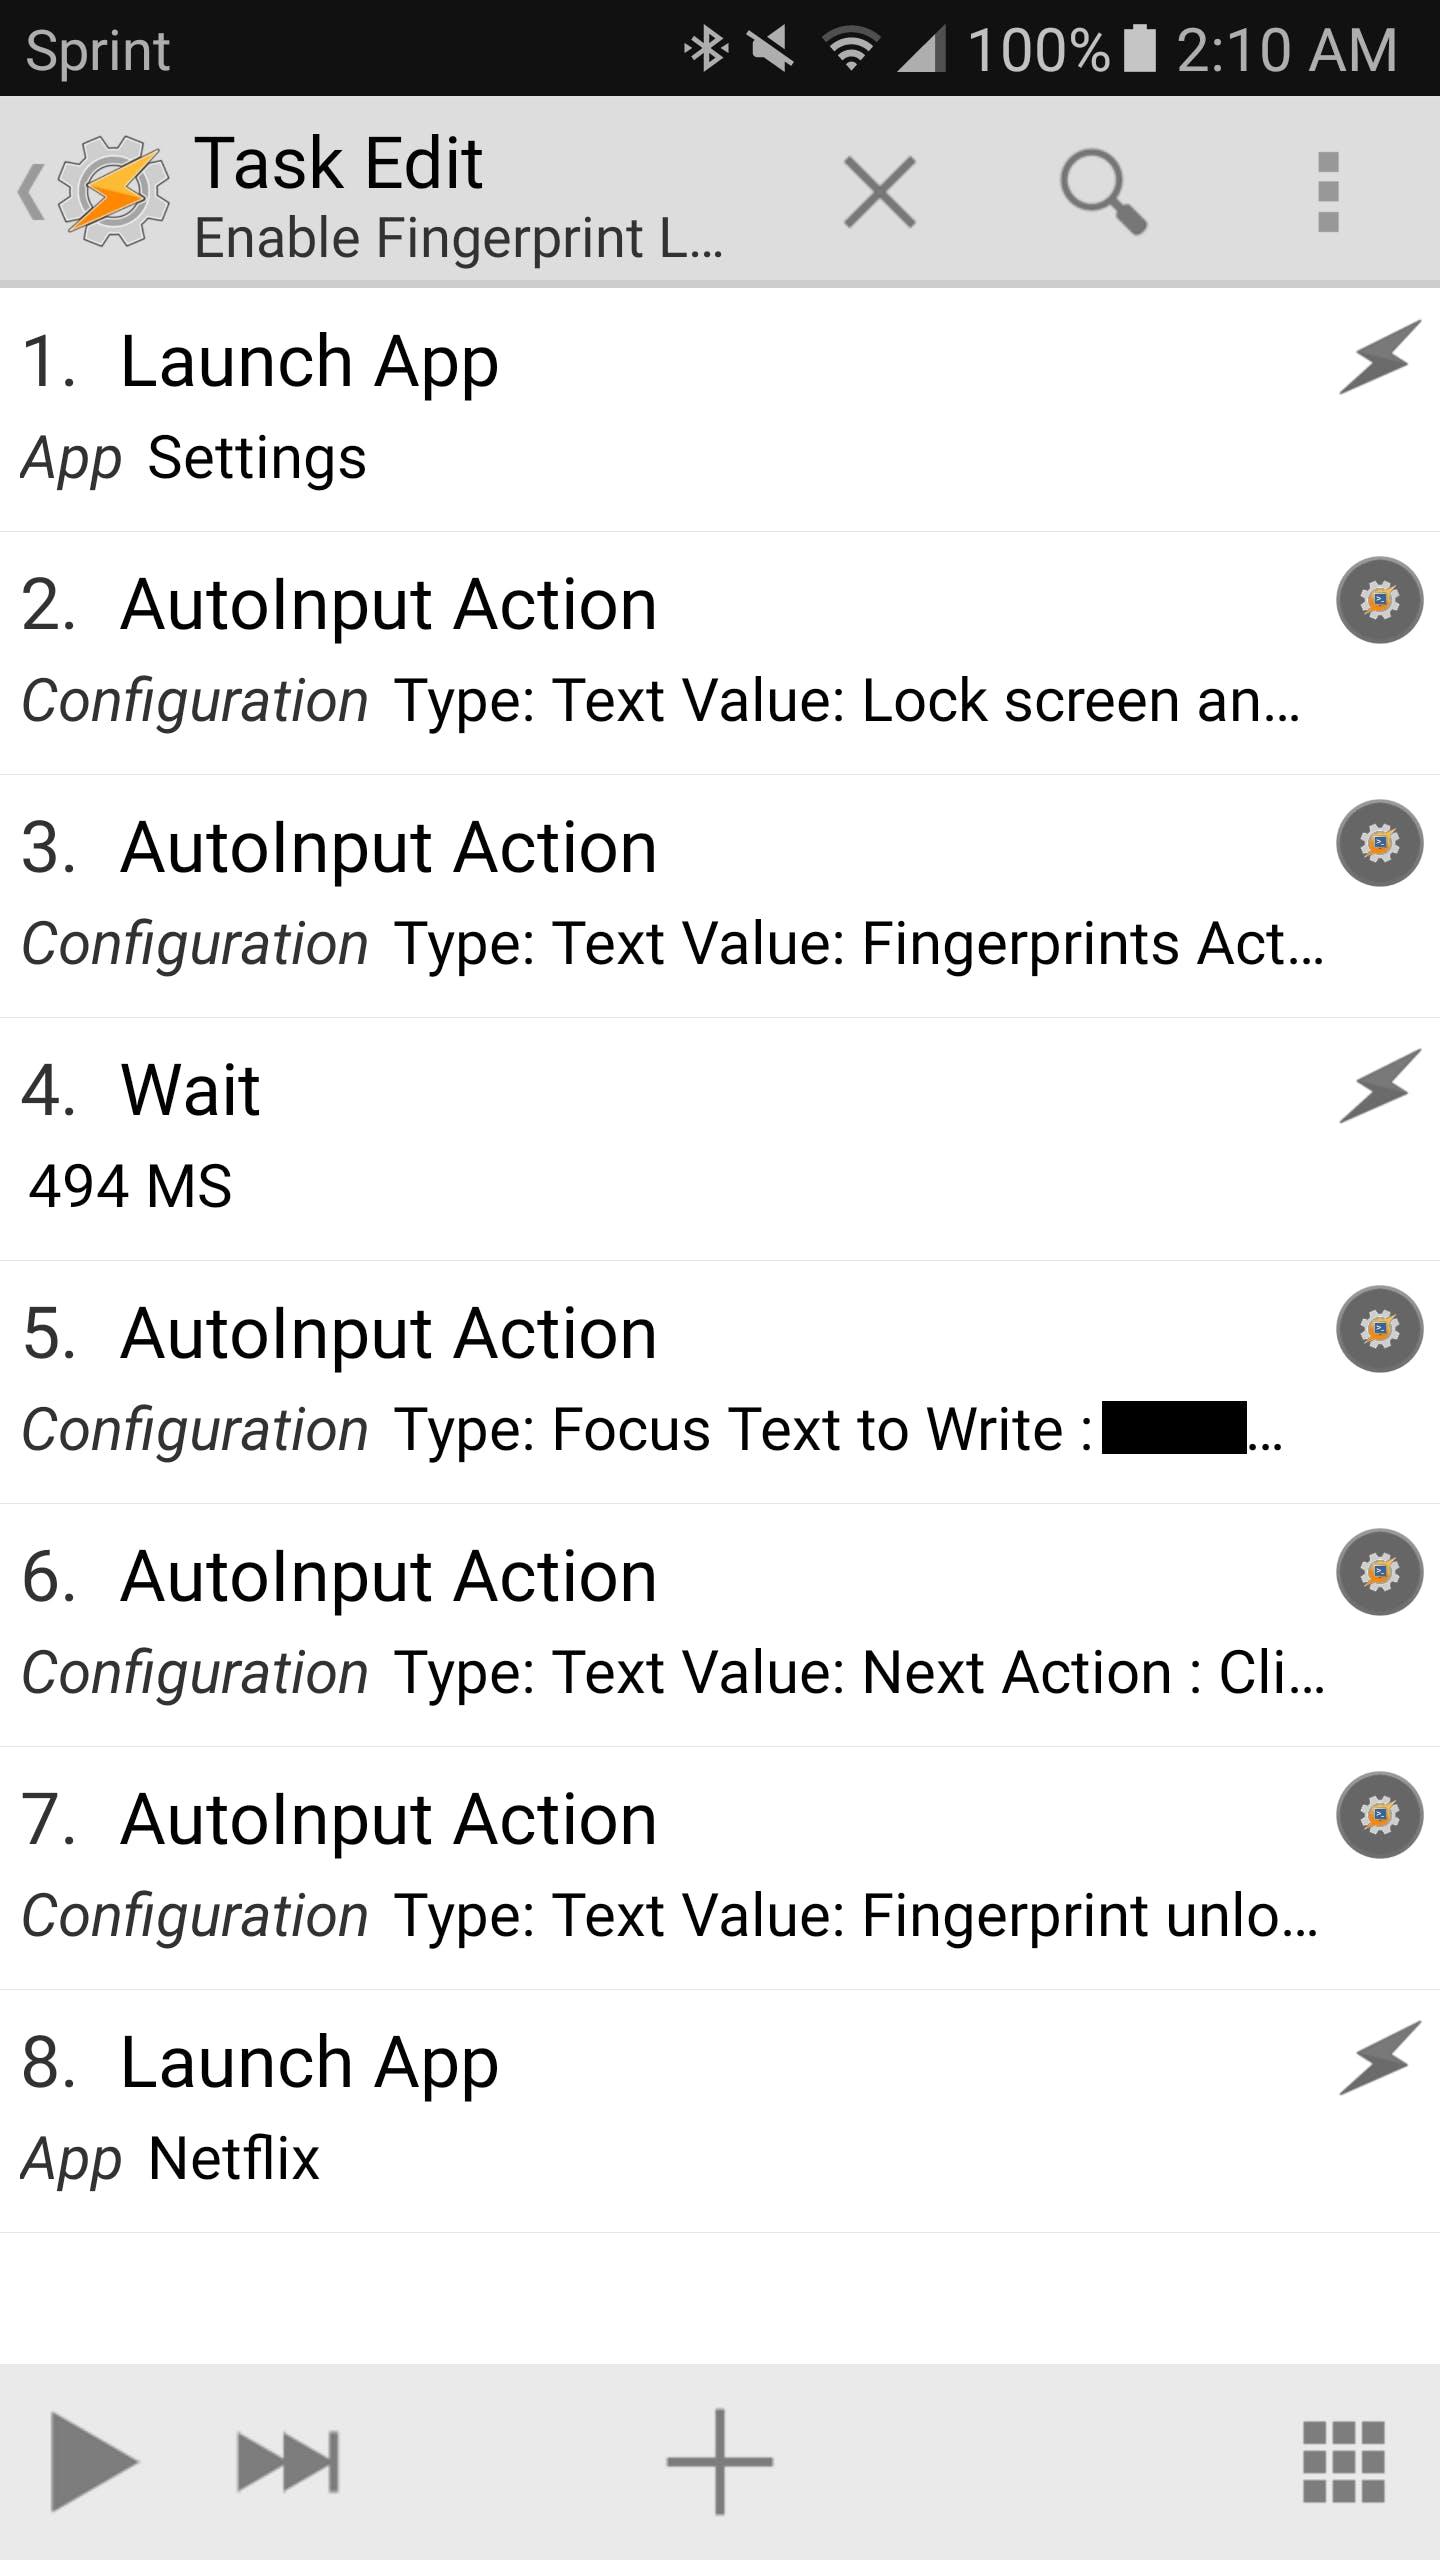 Enable Fingerprint Lock task in Tasker